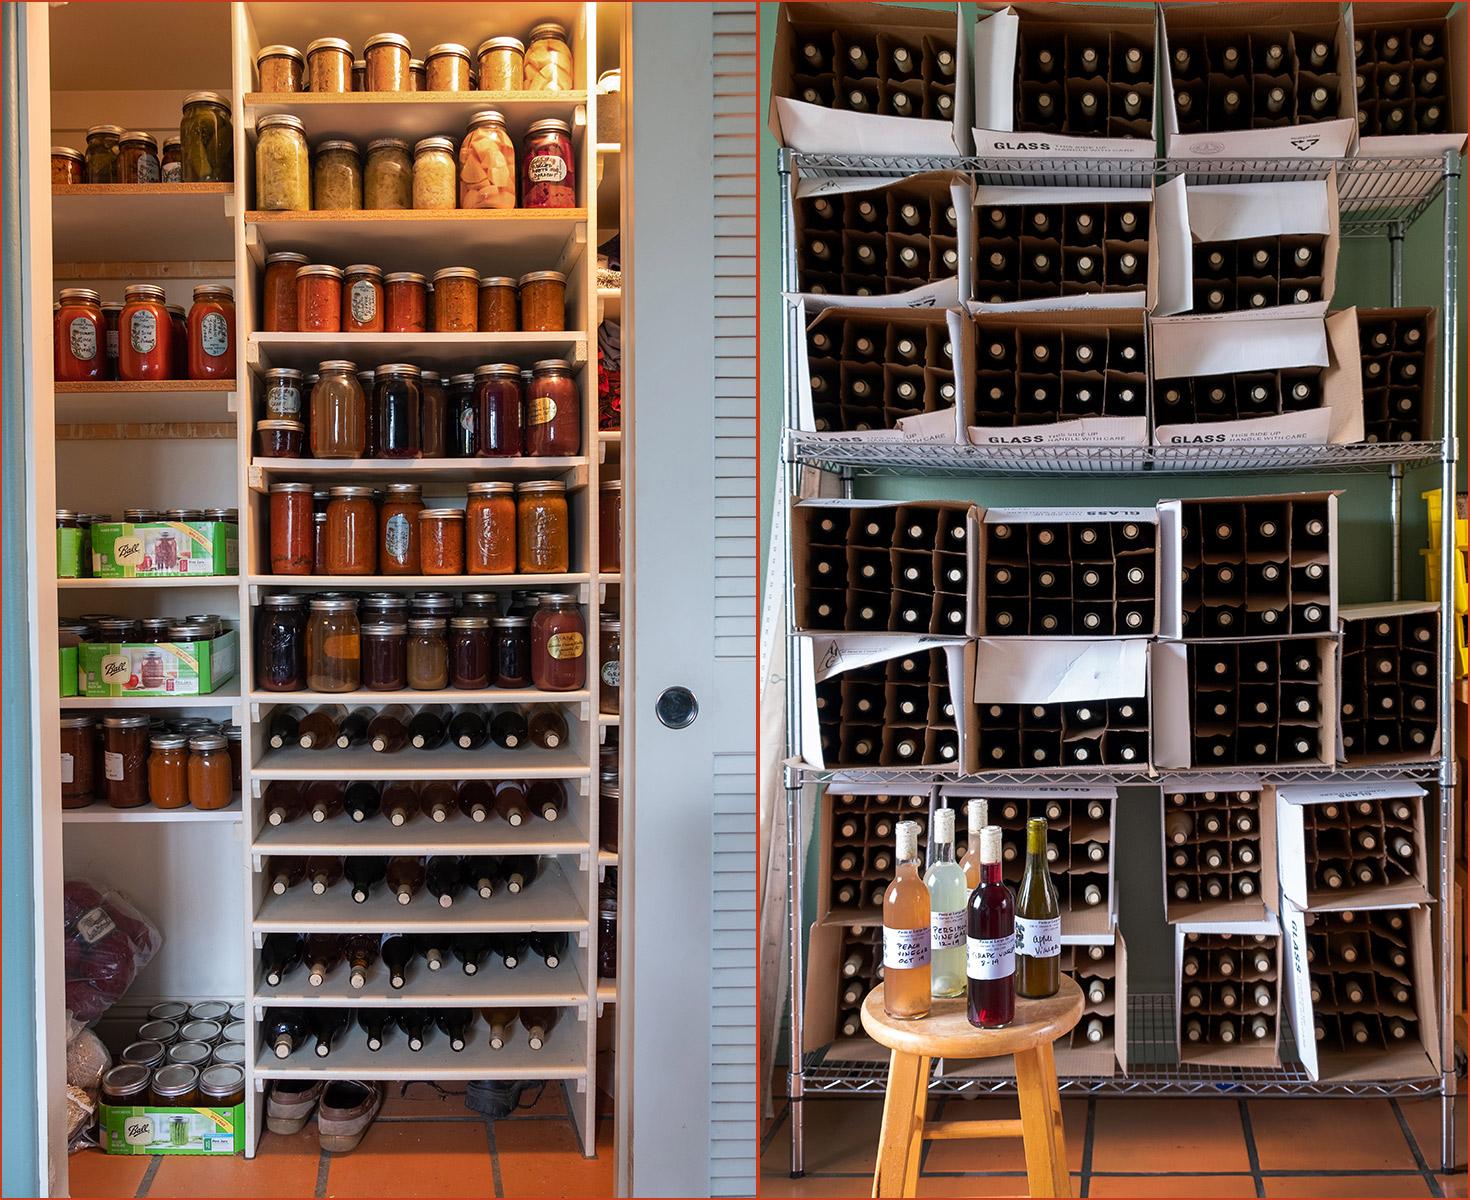 Vinegars-pickeled-sauces-honey-wine